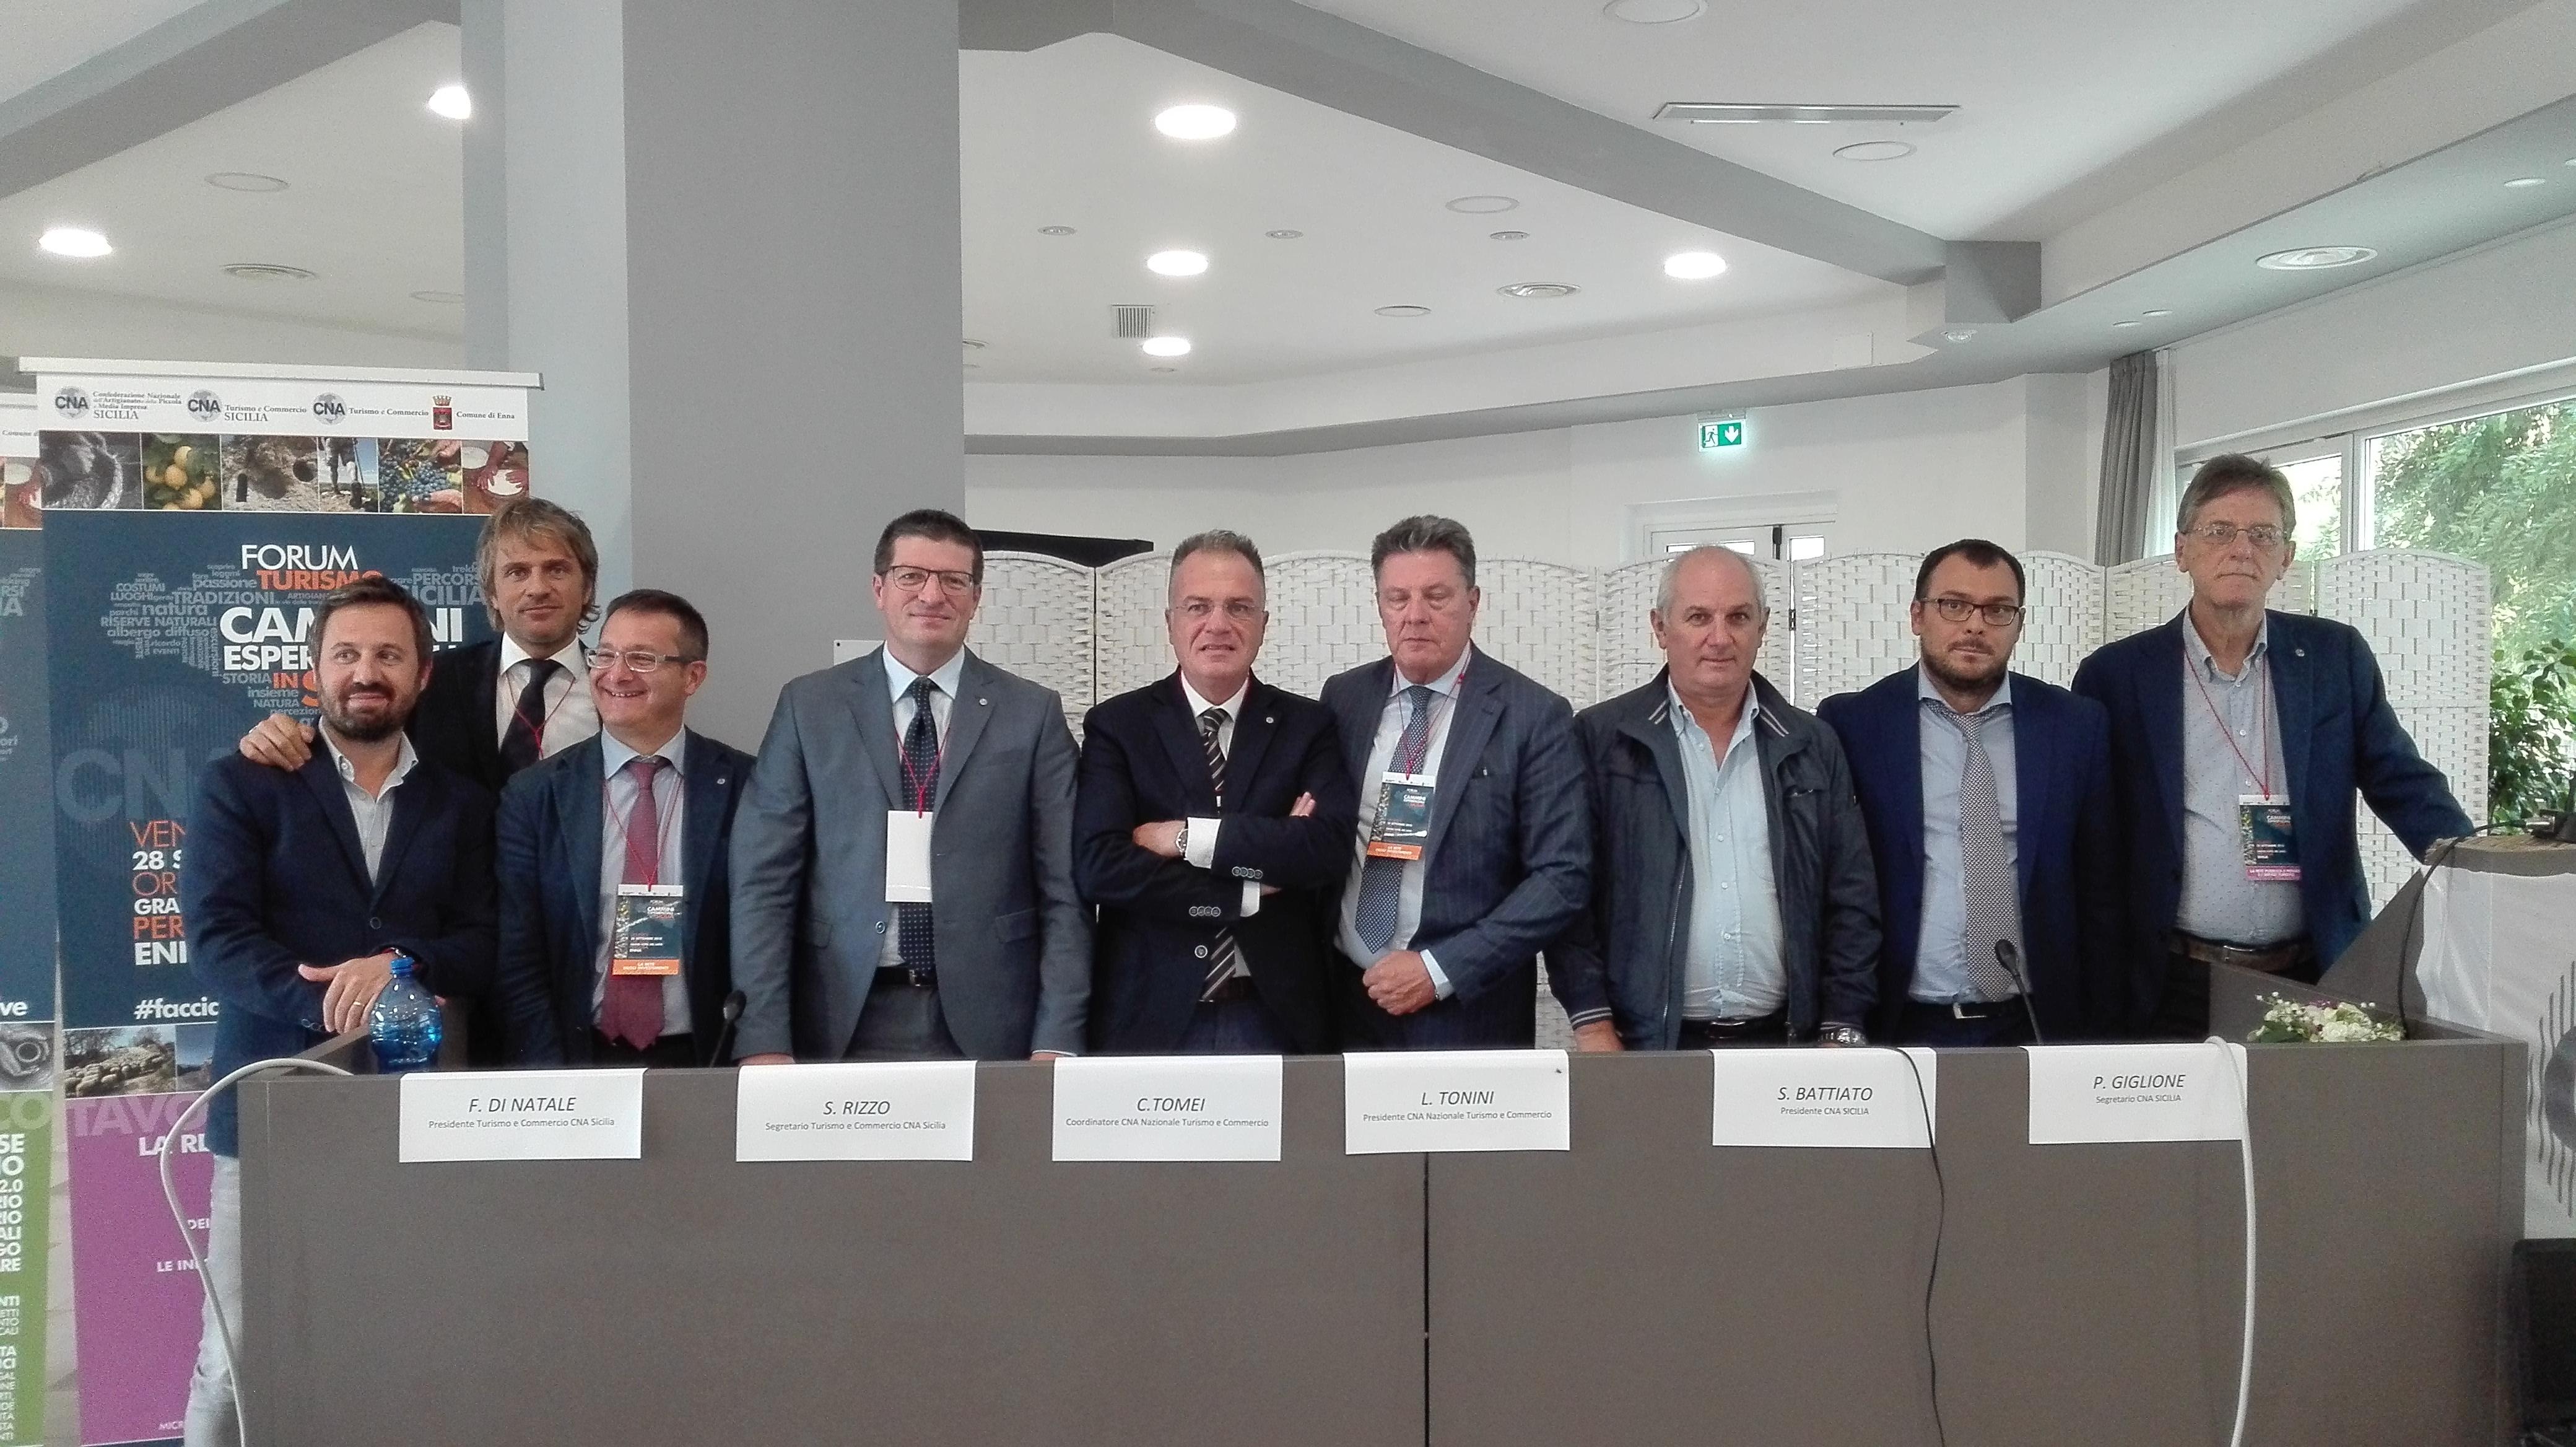 """Enna, Forum """"I Cammini Esperienziali in Sicilia"""", organizzato dalla Confederazione regionale Cna."""